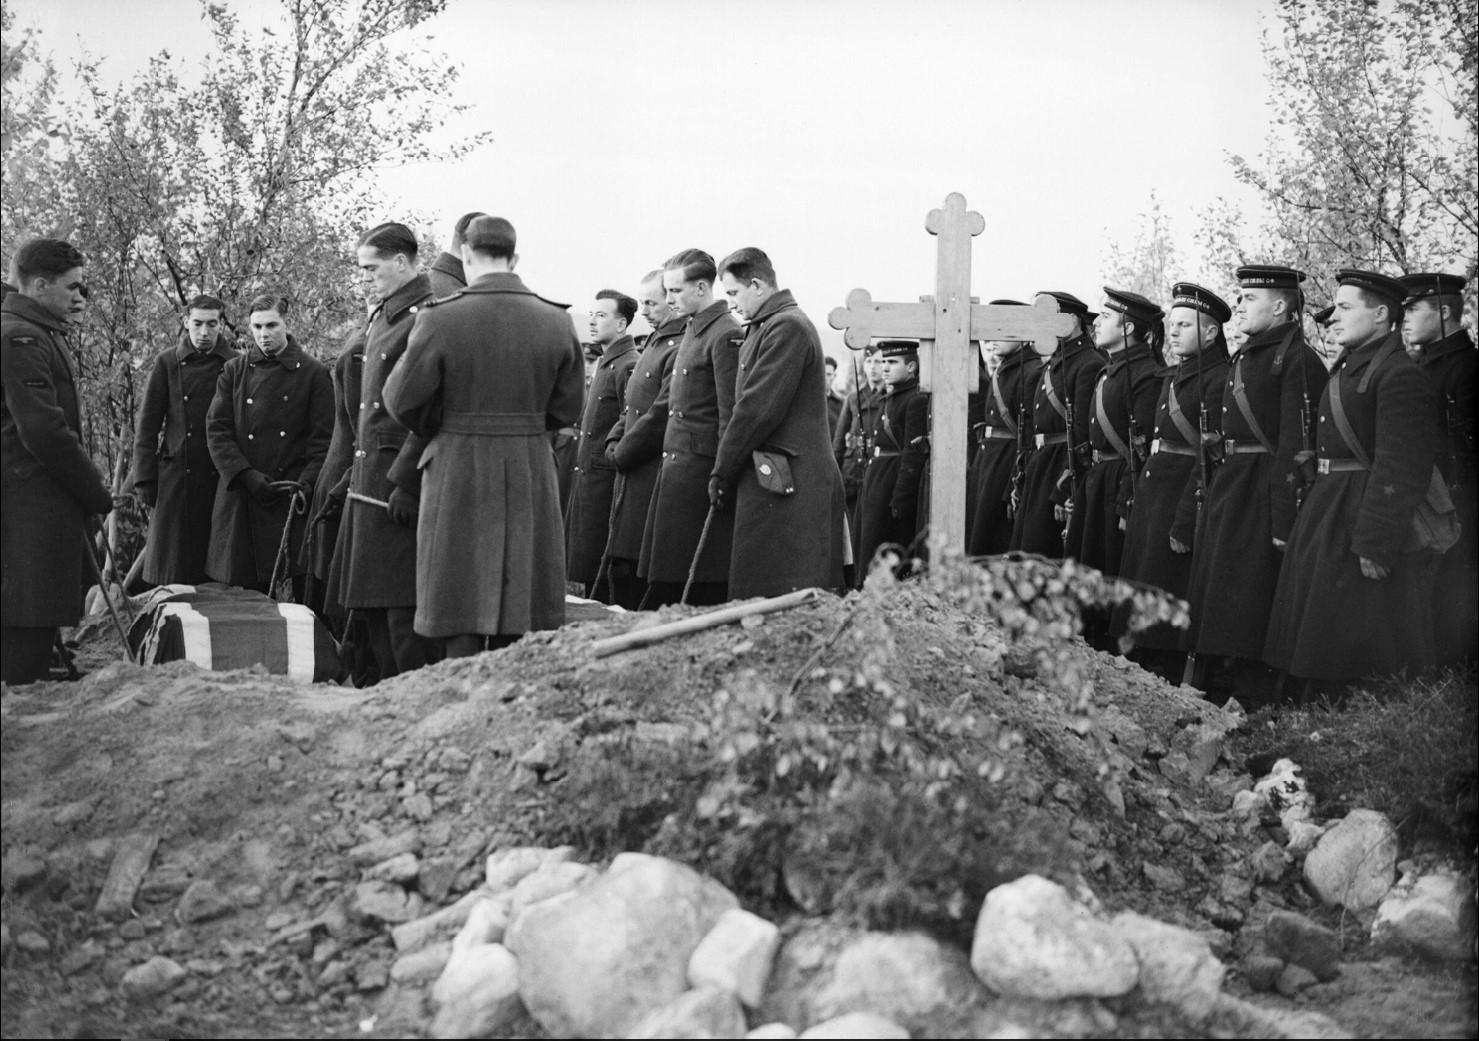 Летчики RAF опускают гроб сержант-пилота Н. Смита 81-ой эскадрильи RAF (слева) в могилу на российском военно-морском кладбище в Североморске. Смит, убитый 12 сентября 1941 года, стал первой жертвой RAF в России